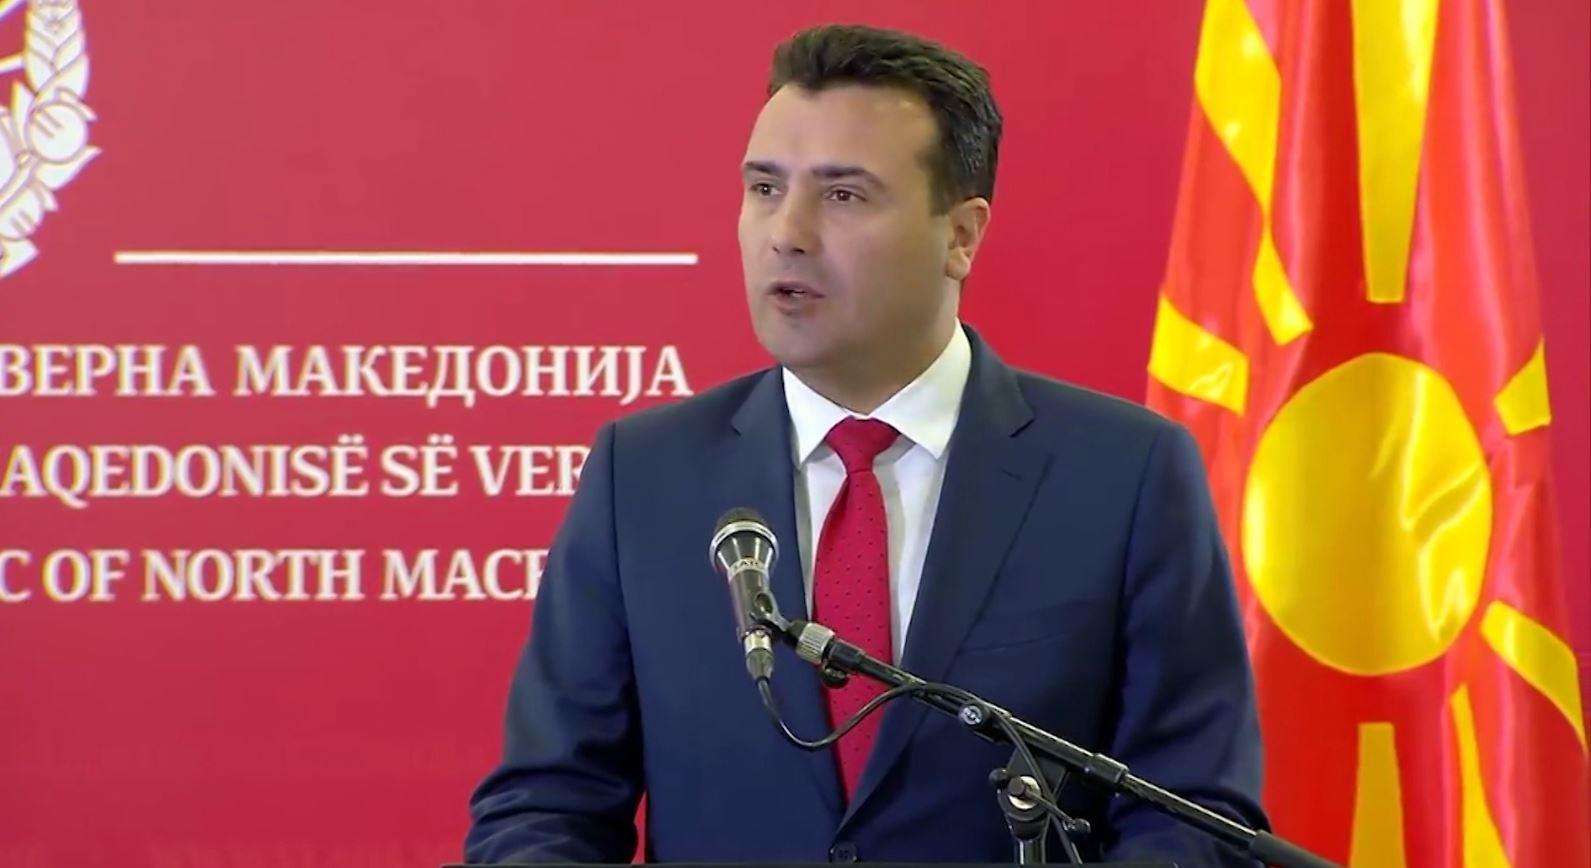 Zaev kërkon falje për gabimet, opozita kërkon aleancë me shqiptarët